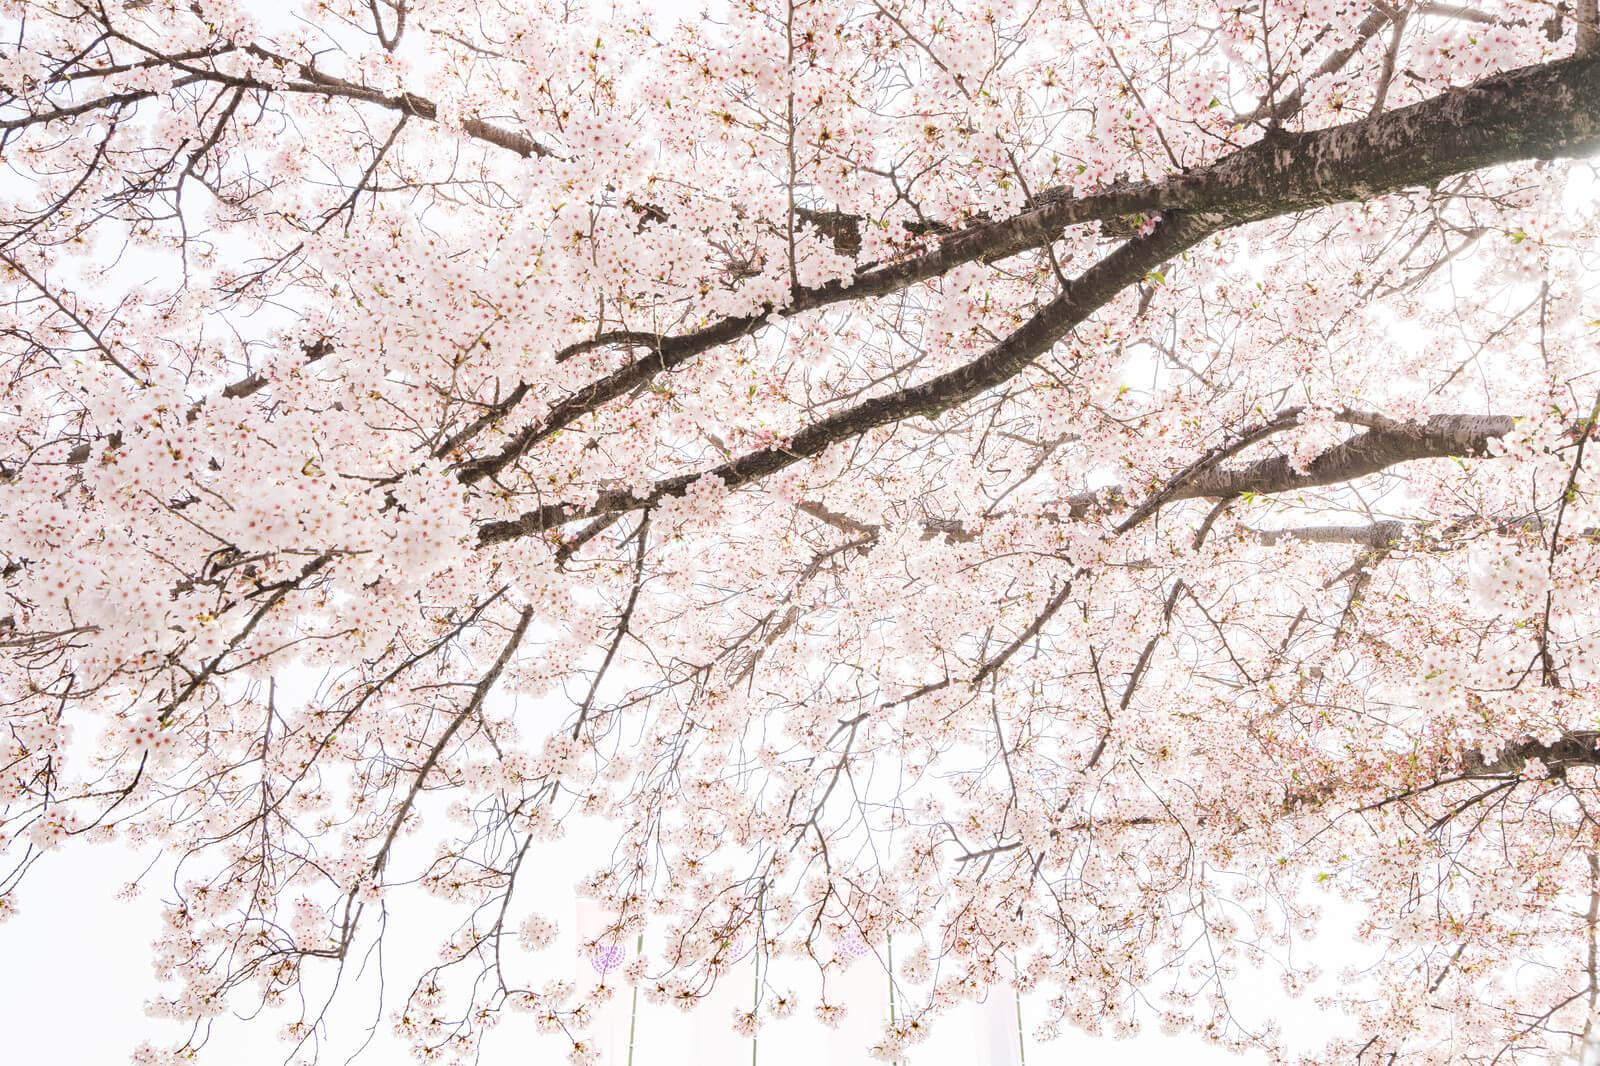 春よ来い!都内で桜撮影におすすめのカメラ&スポットをご紹介